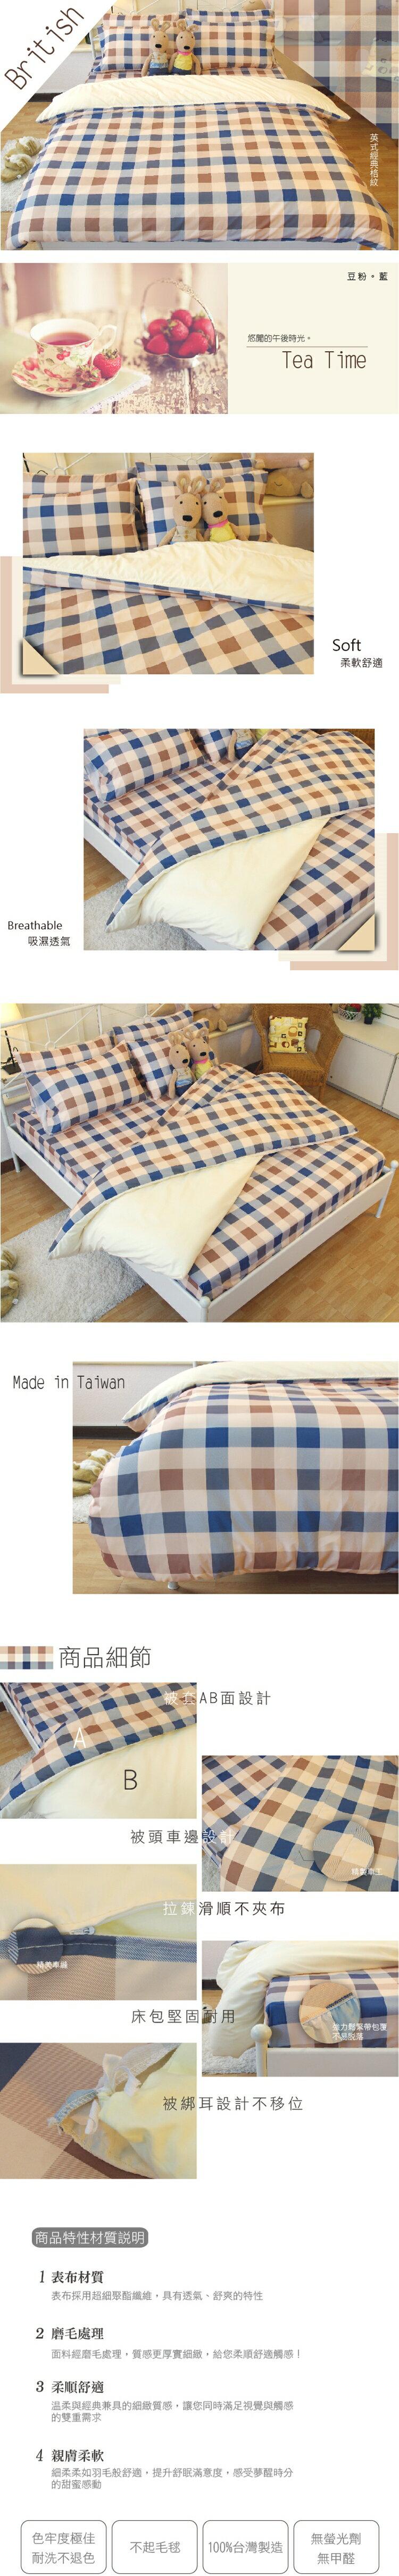 單人床包(含枕套) 英式格紋 #咖啡藍 #豆粉藍【精典格紋、觸感升級、SGS檢驗通過】 # 寢國寢城 7